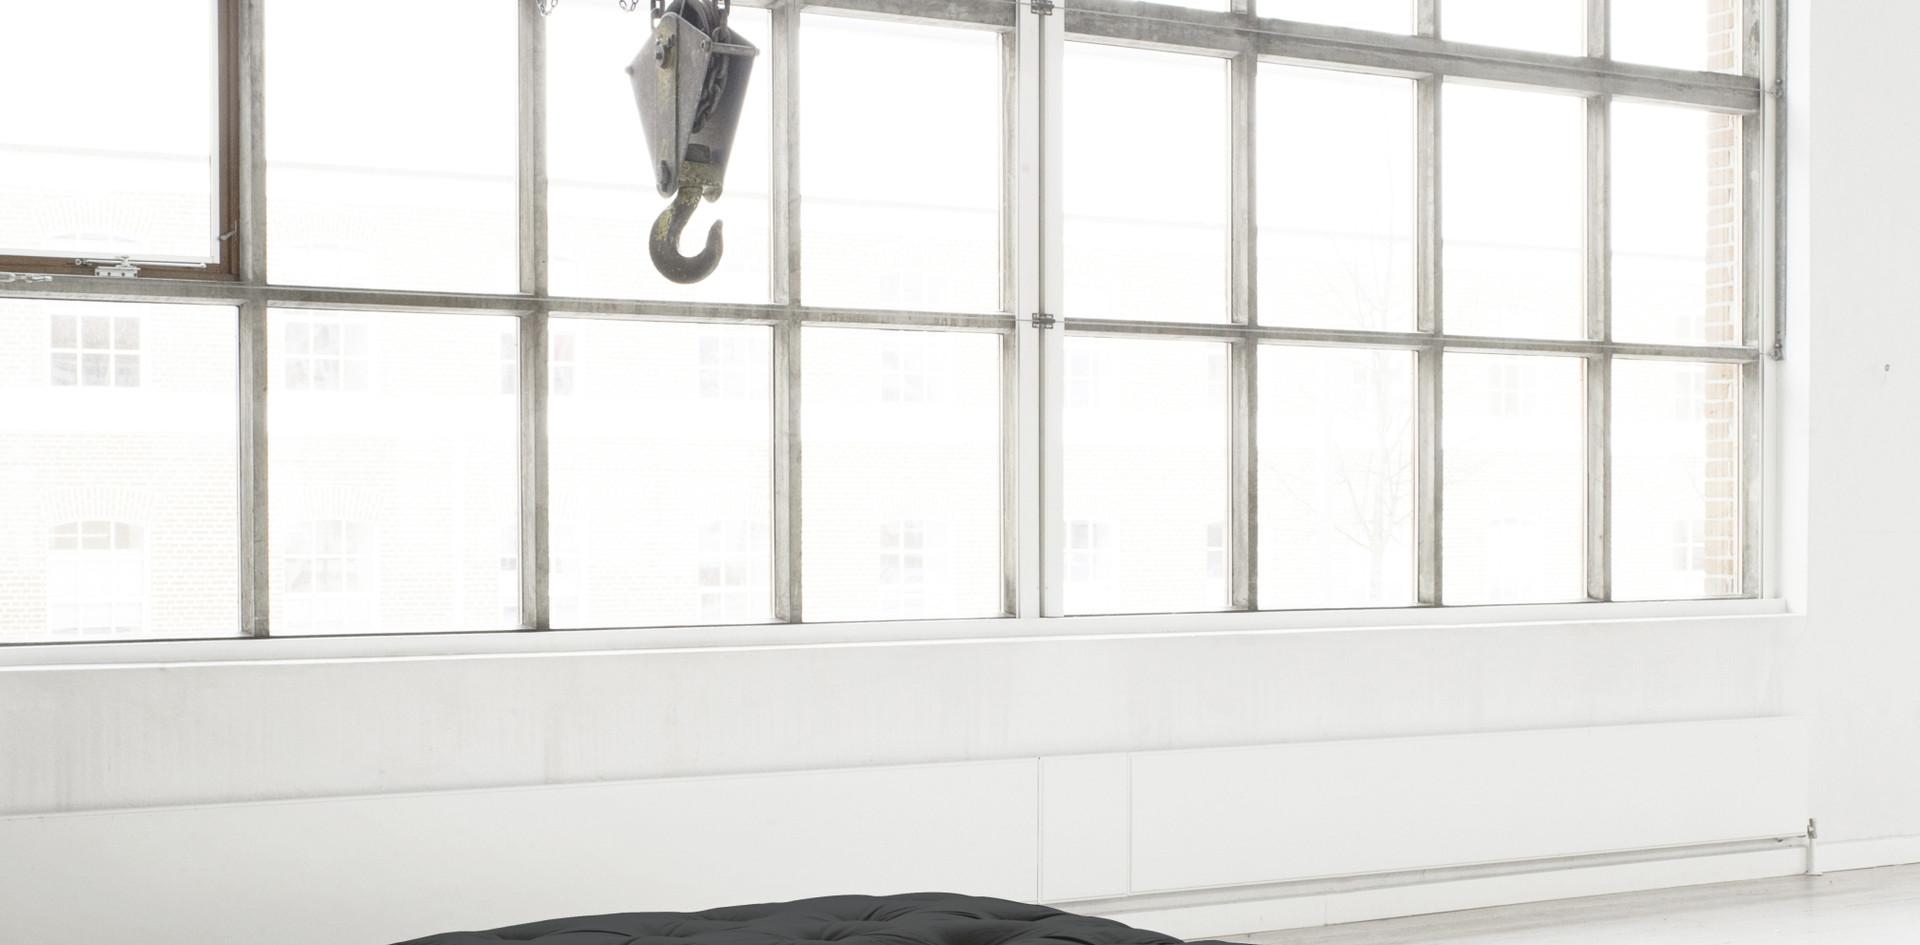 μονό στρώμα 80Χ200 με βαμβάκι και λάτεξ